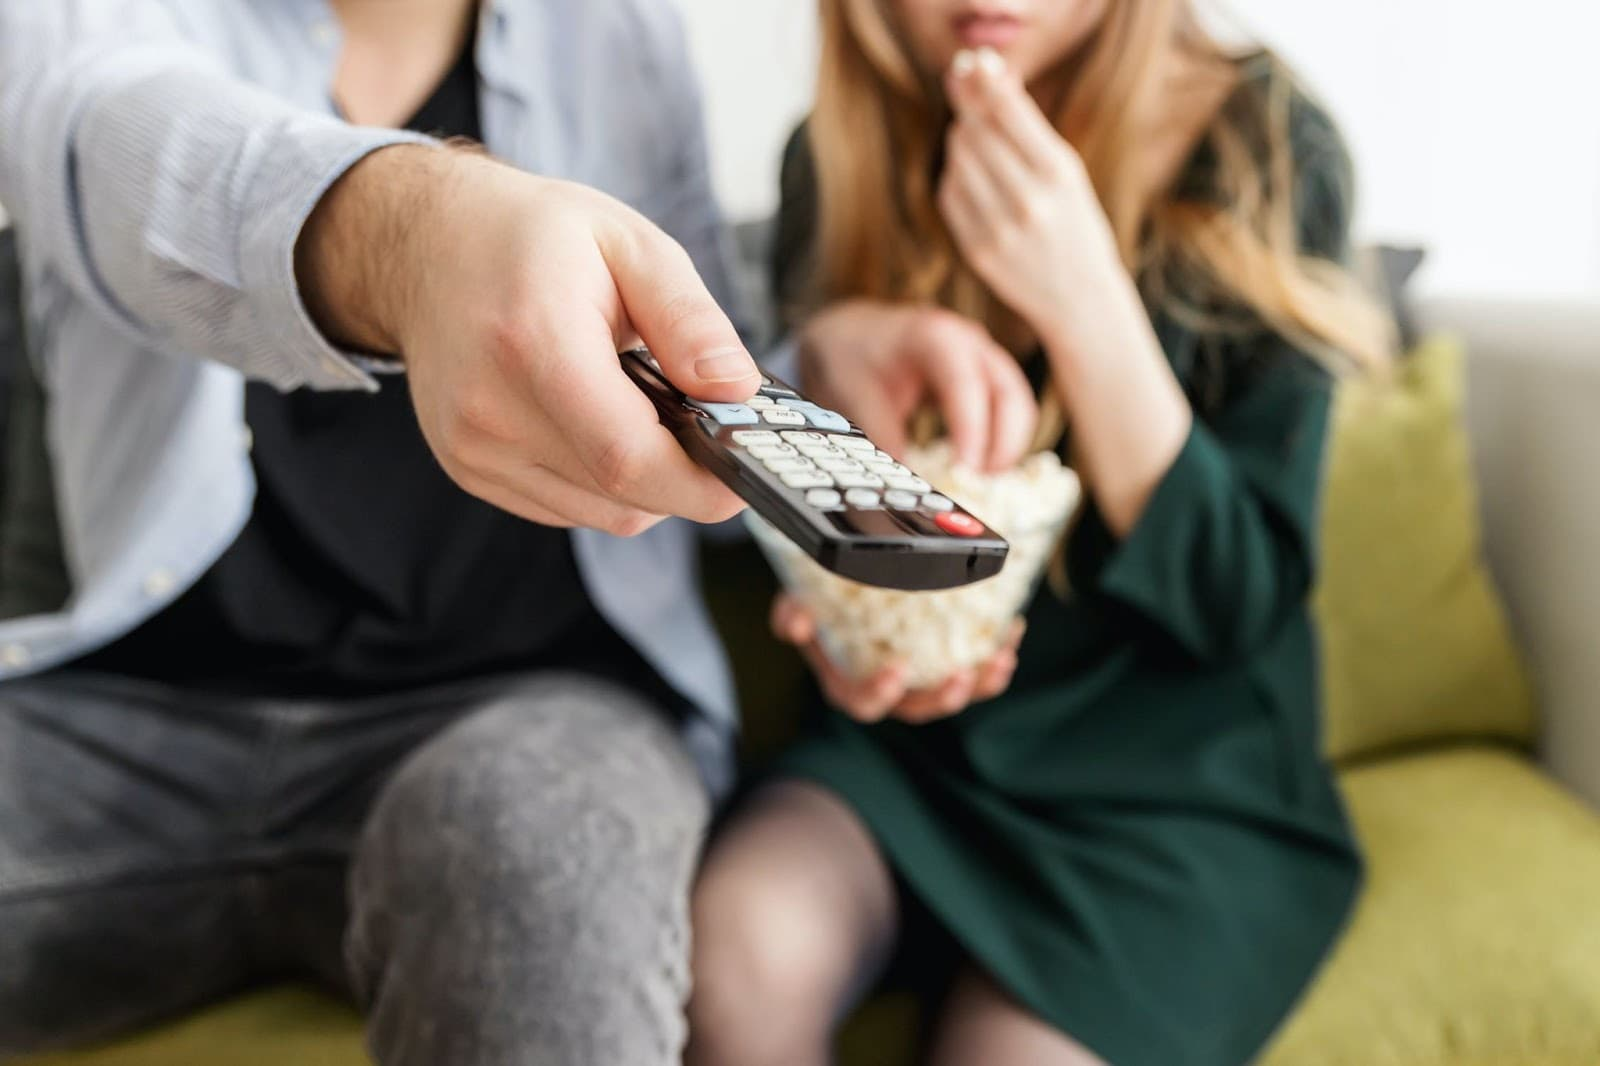 Casal comendo pipoca com um controle de televisão na mão